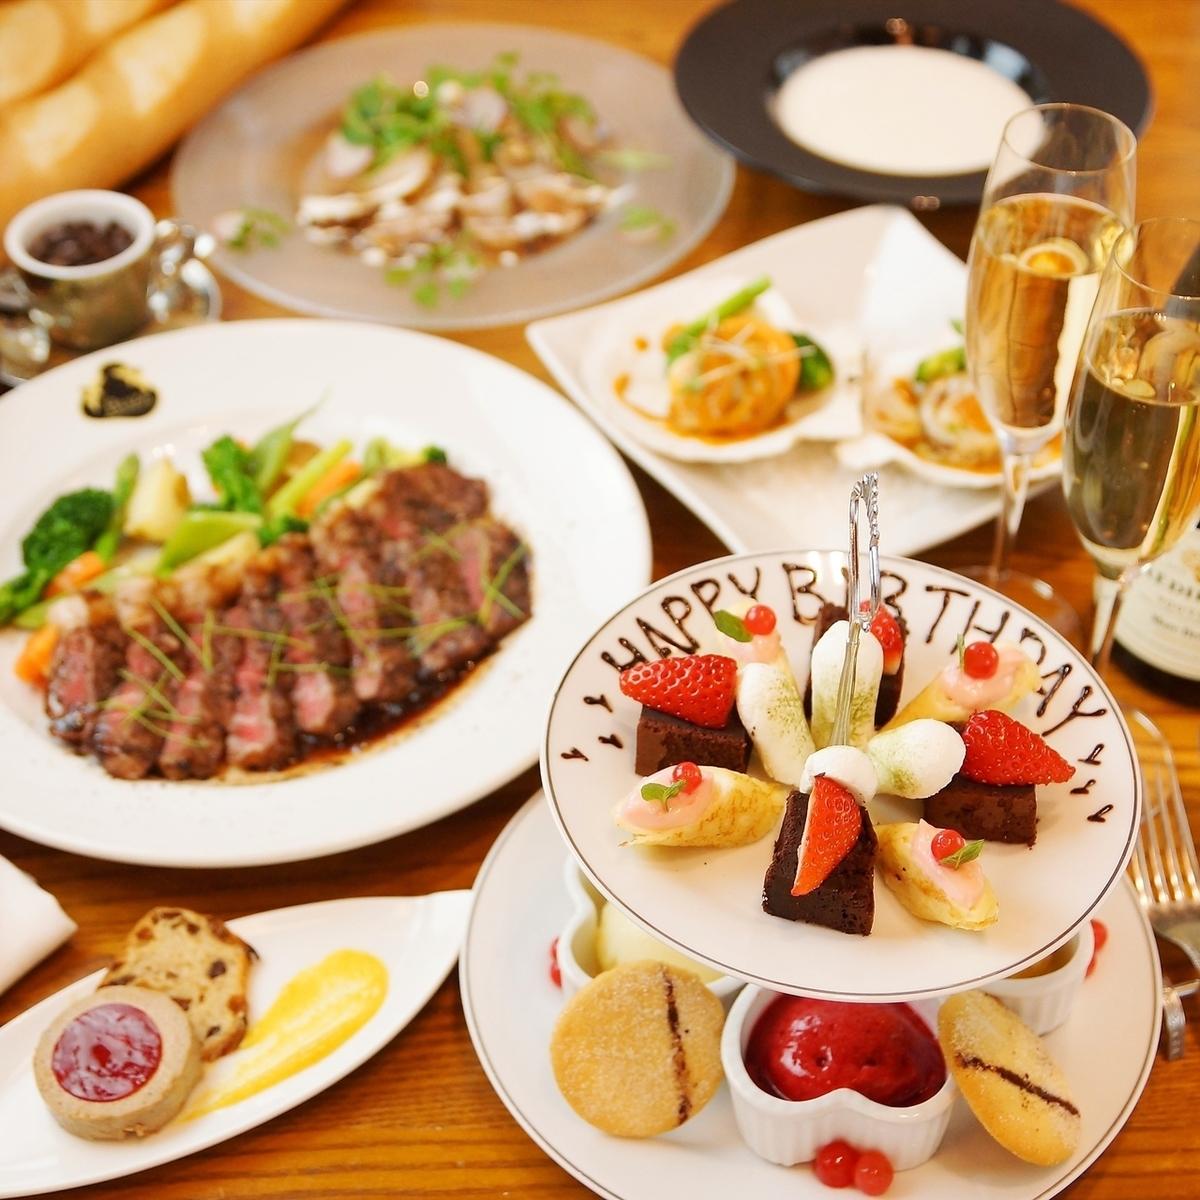 기념일 ◎ 식전 및 축하 케이크 스탠드 2500 엔